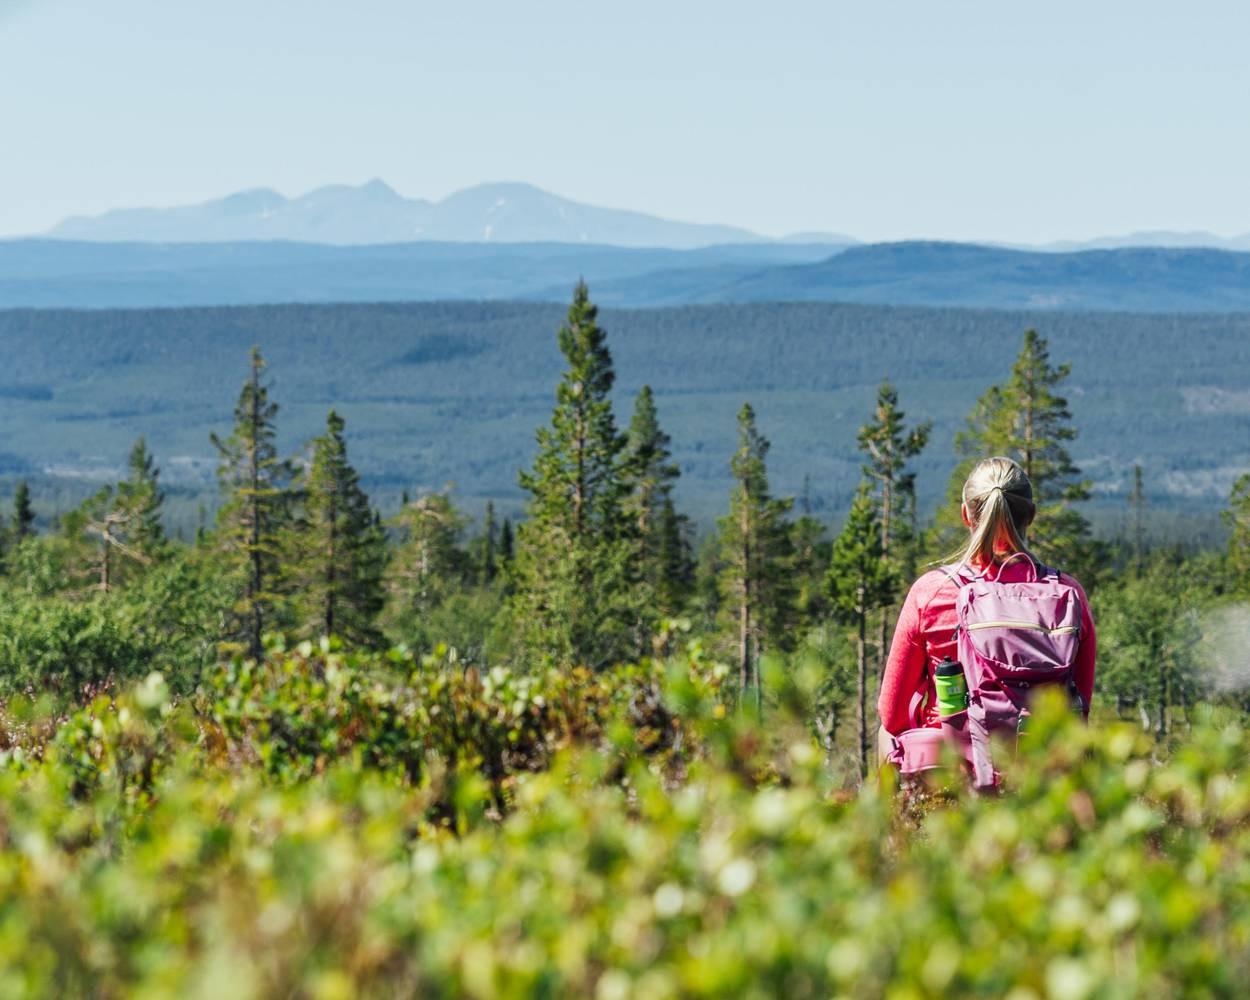 Quyền đi được đi đây đó: tình yêu thiên nhiên của con người Thụy Điển - 4